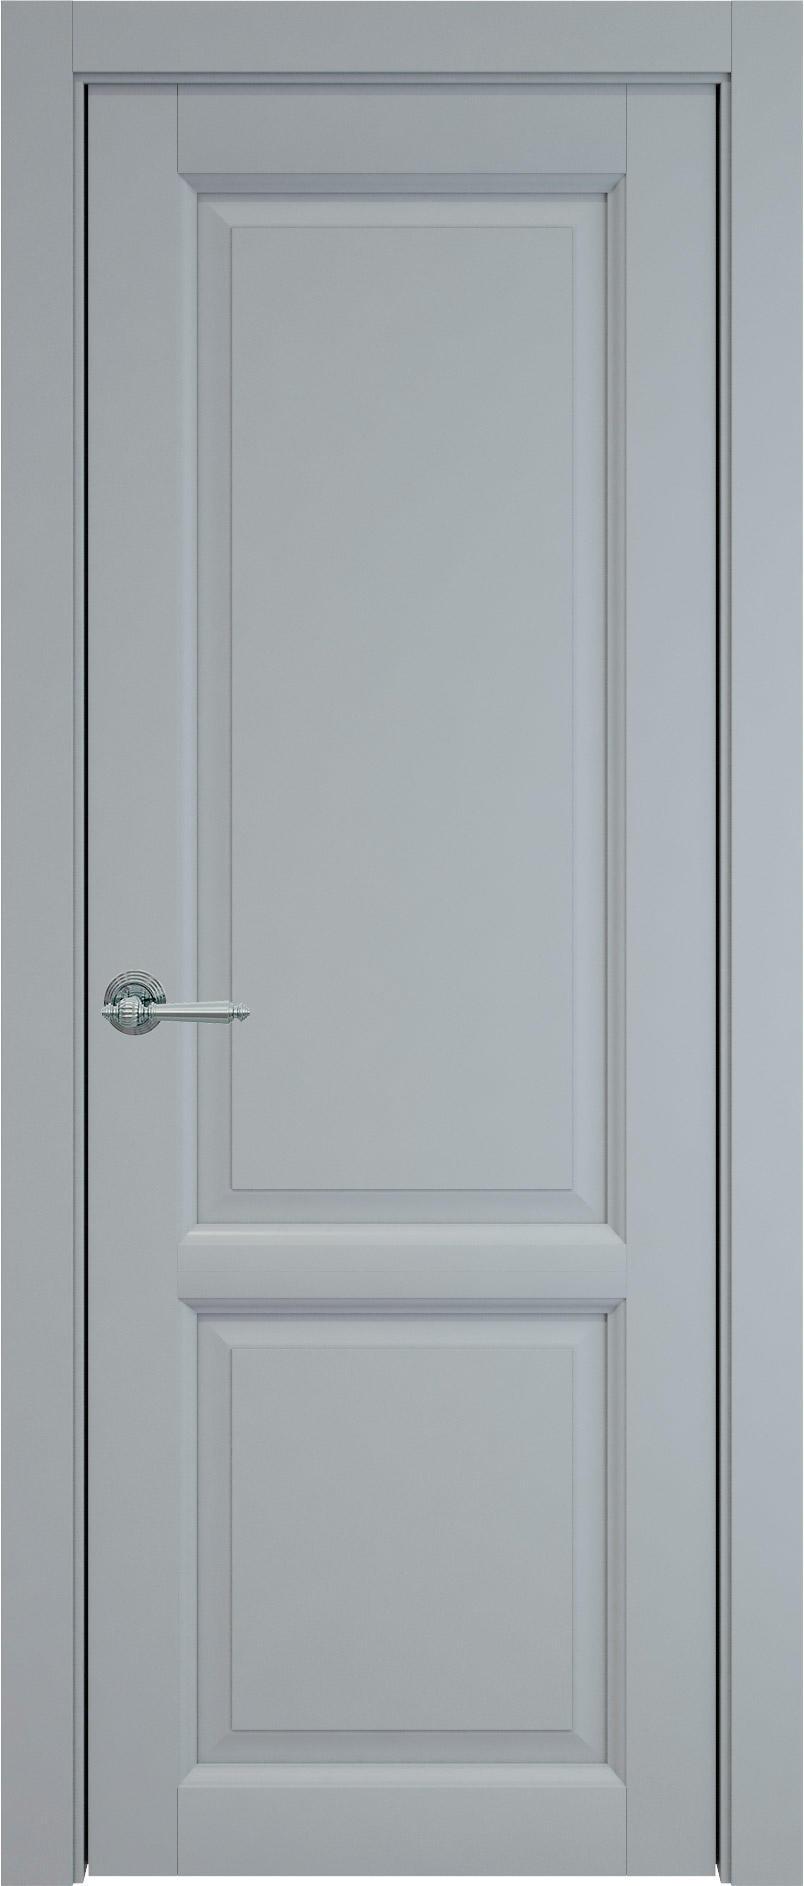 Dinastia цвет - Серебристо-серая эмаль (RAL 7045) Без стекла (ДГ)